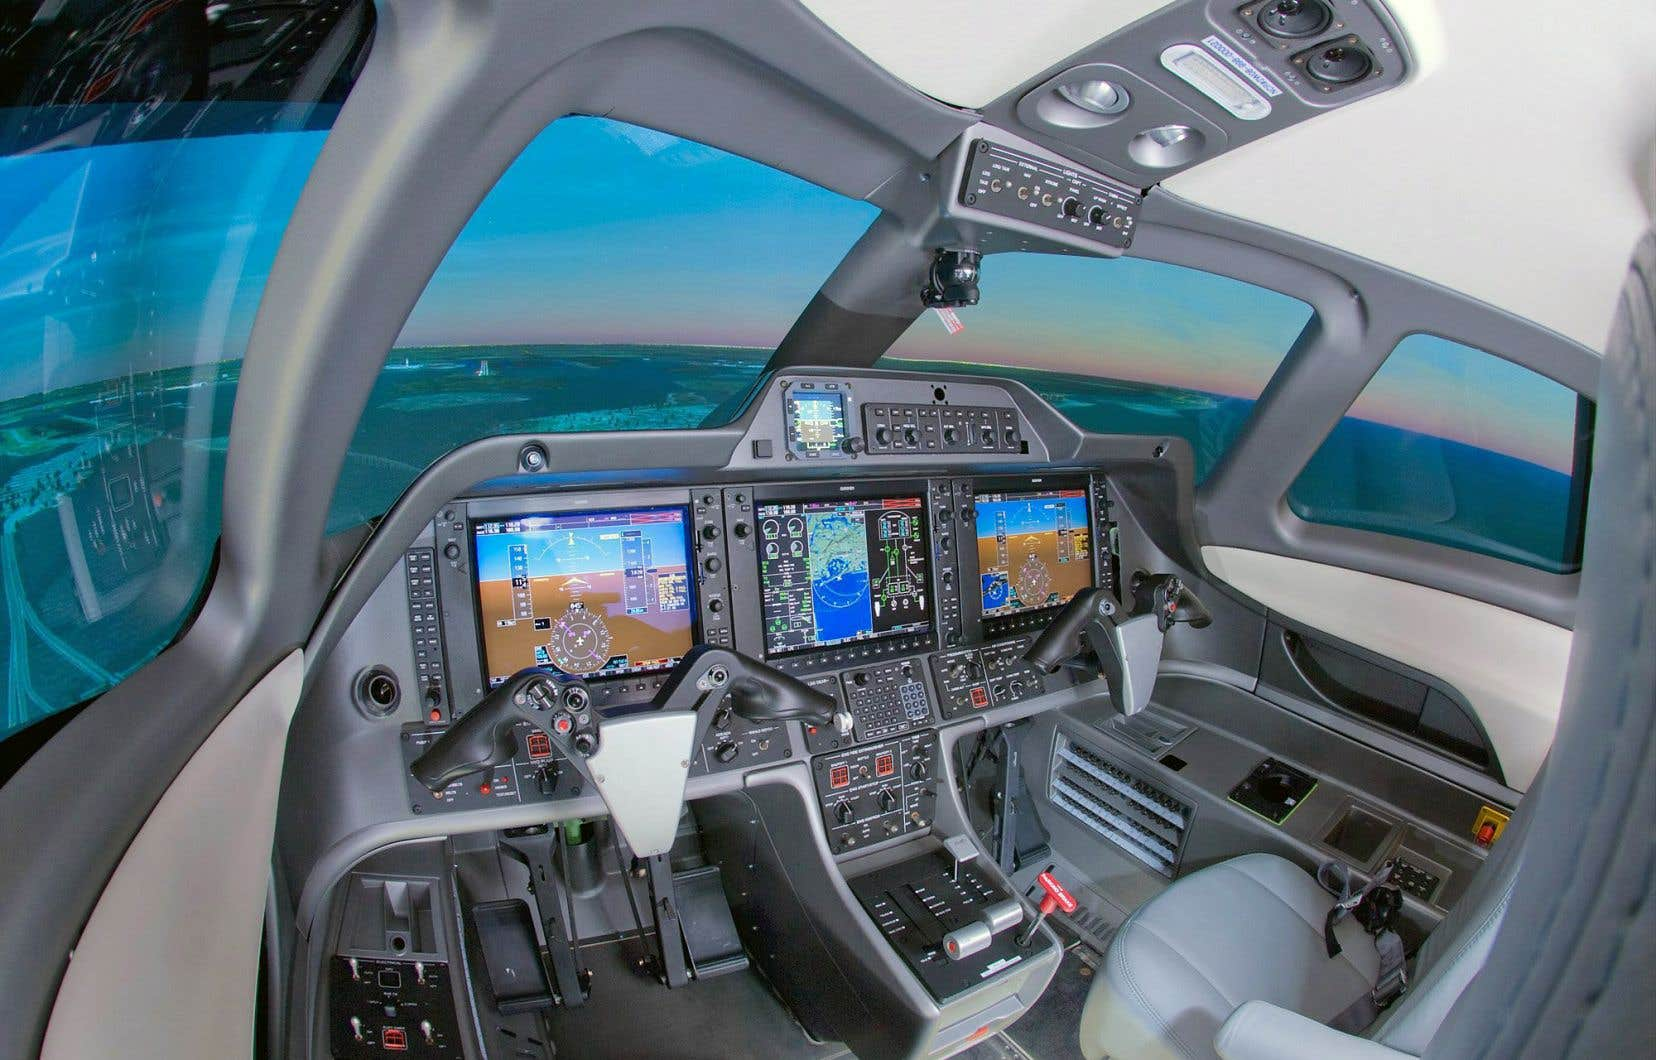 Pour réduire ses coûts, CAE, spécialiste québécois des simulateurs de vol (sur la photo) et de la formation, avait notamment mis à pied près du quart de son effectif, environ 2600 personnes, le 7avril dernier.